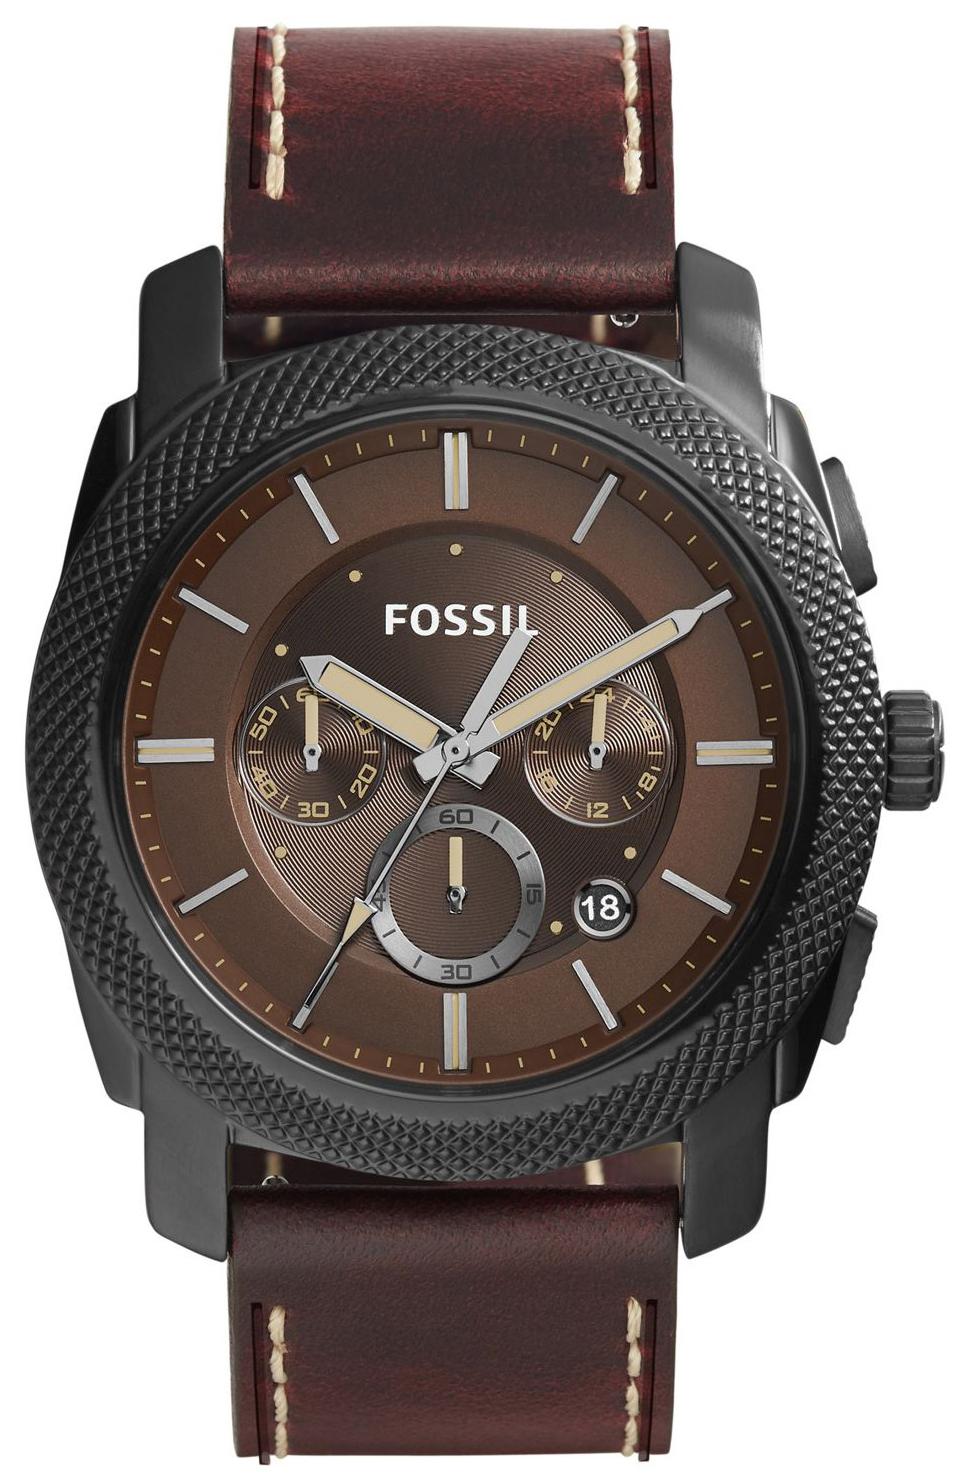 Fossil Machine Herreklokke FS5121 Brun/Lær Ø46 mm - Fossil